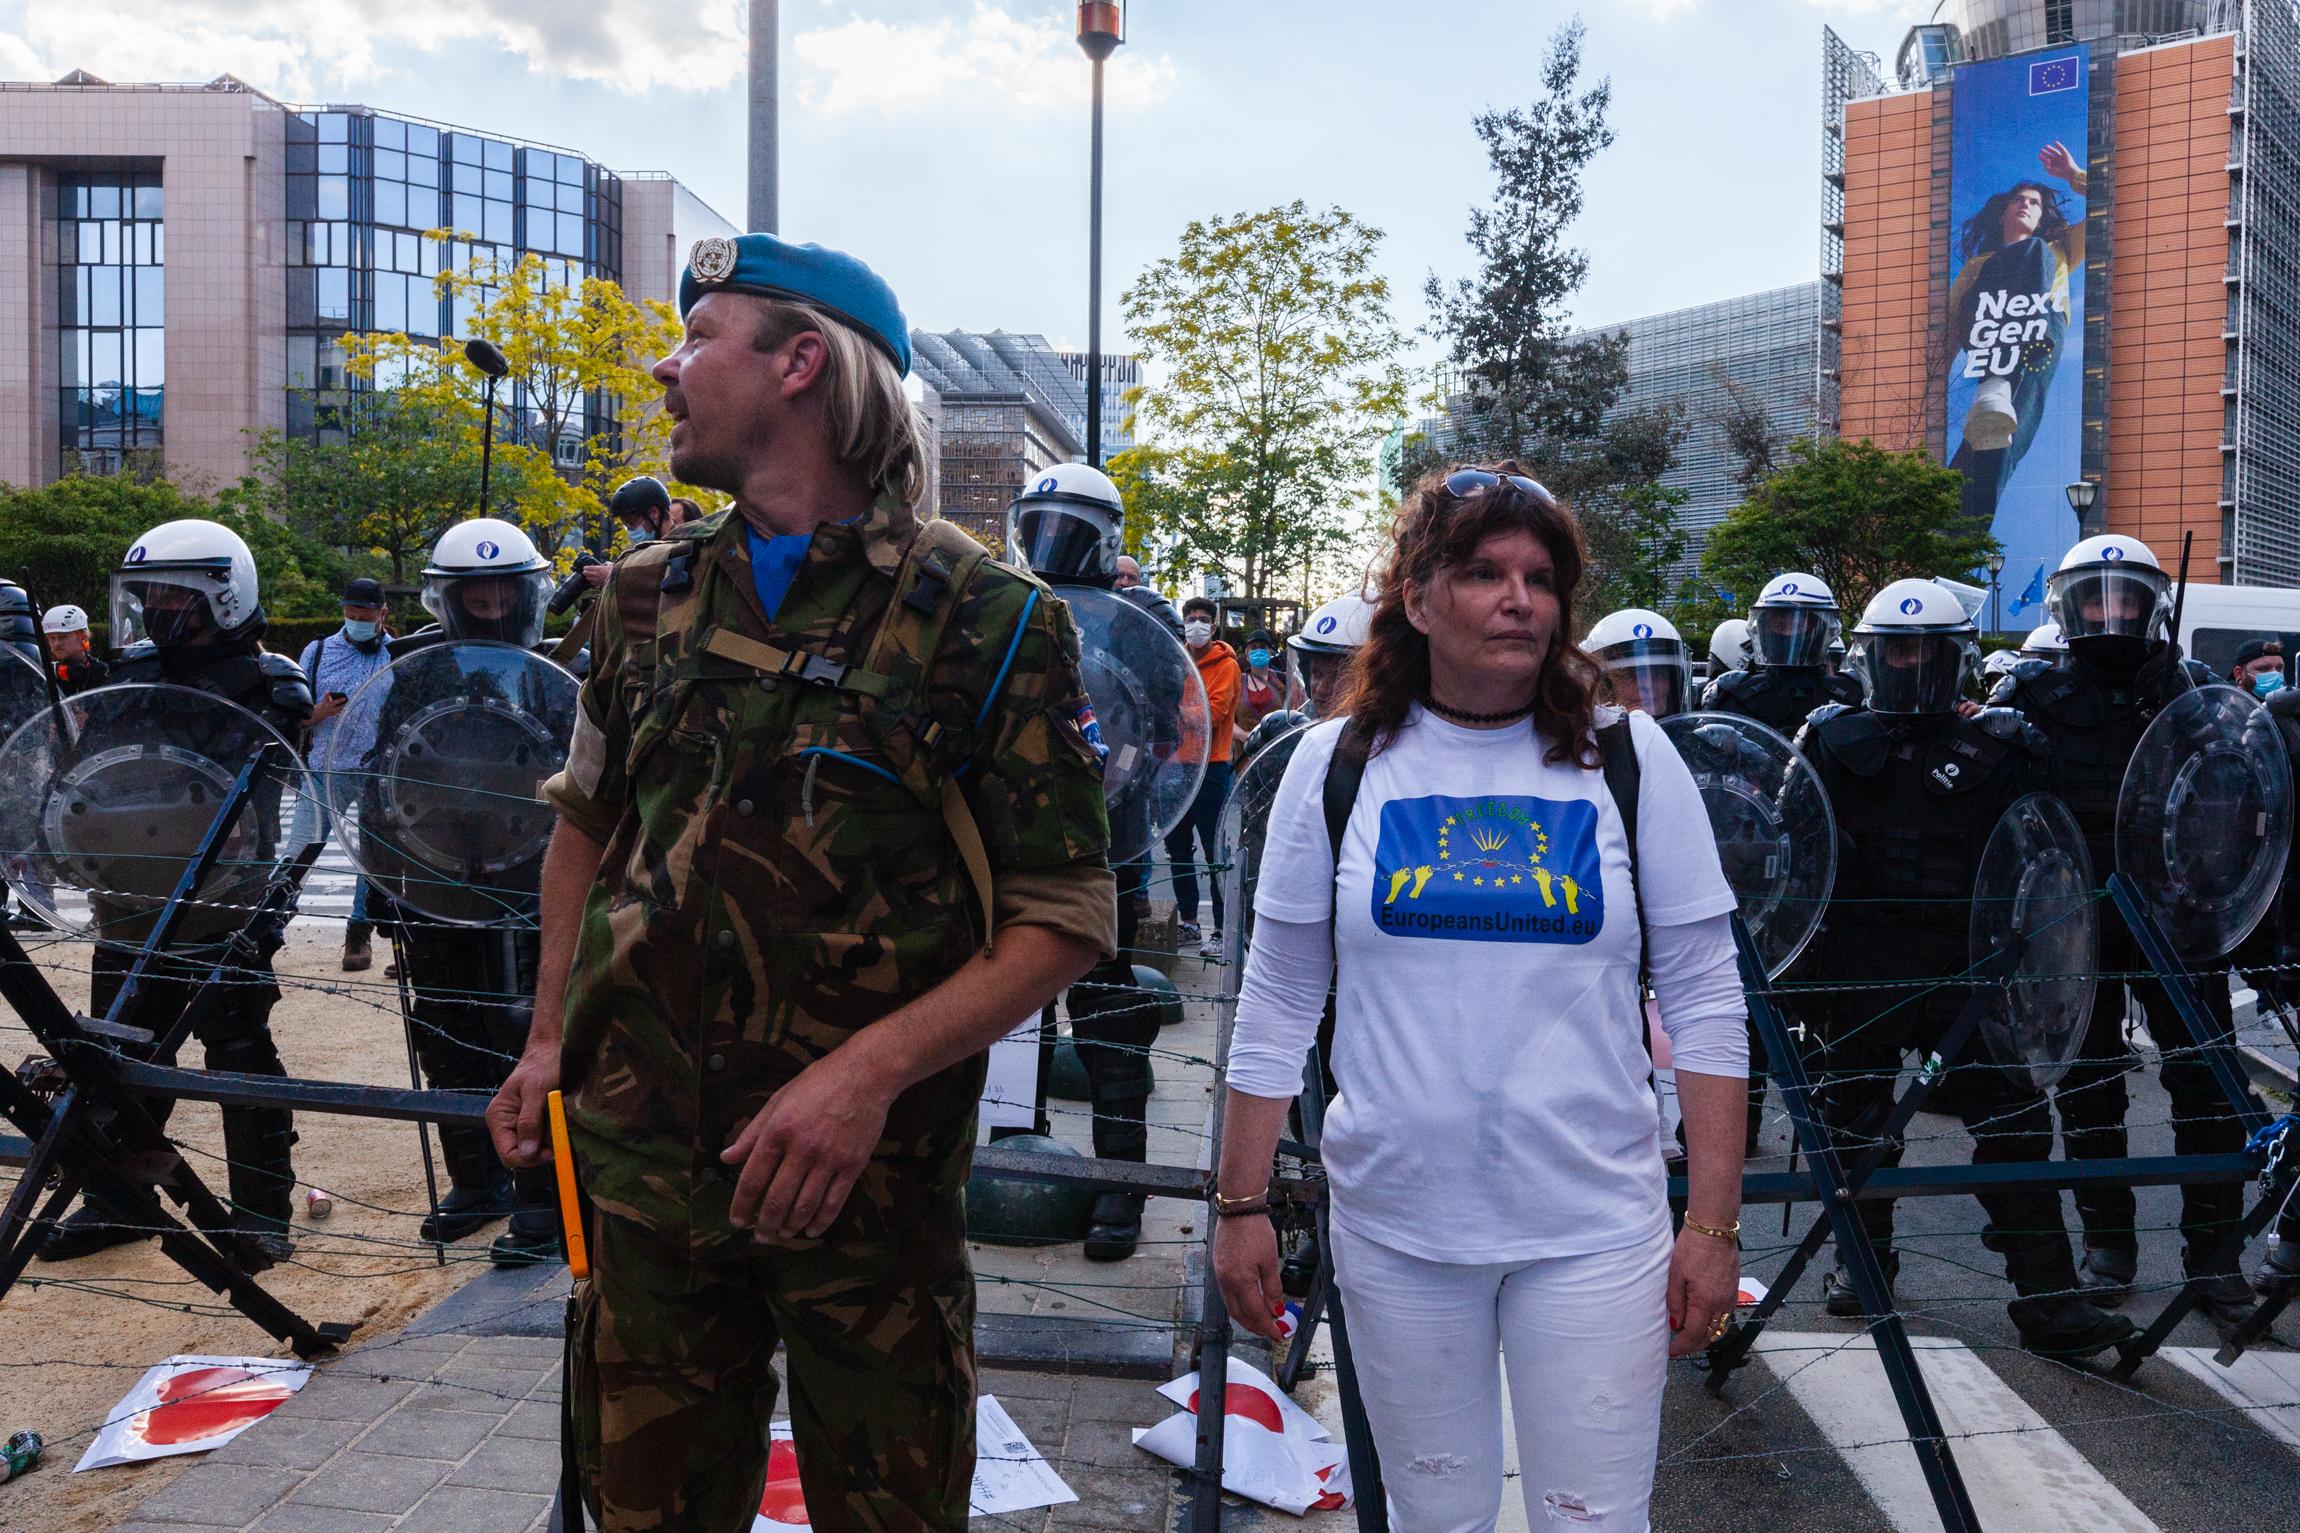 European Demonstration for Liberties.  29 May 2021, Brussels (Nicolas Landemard)